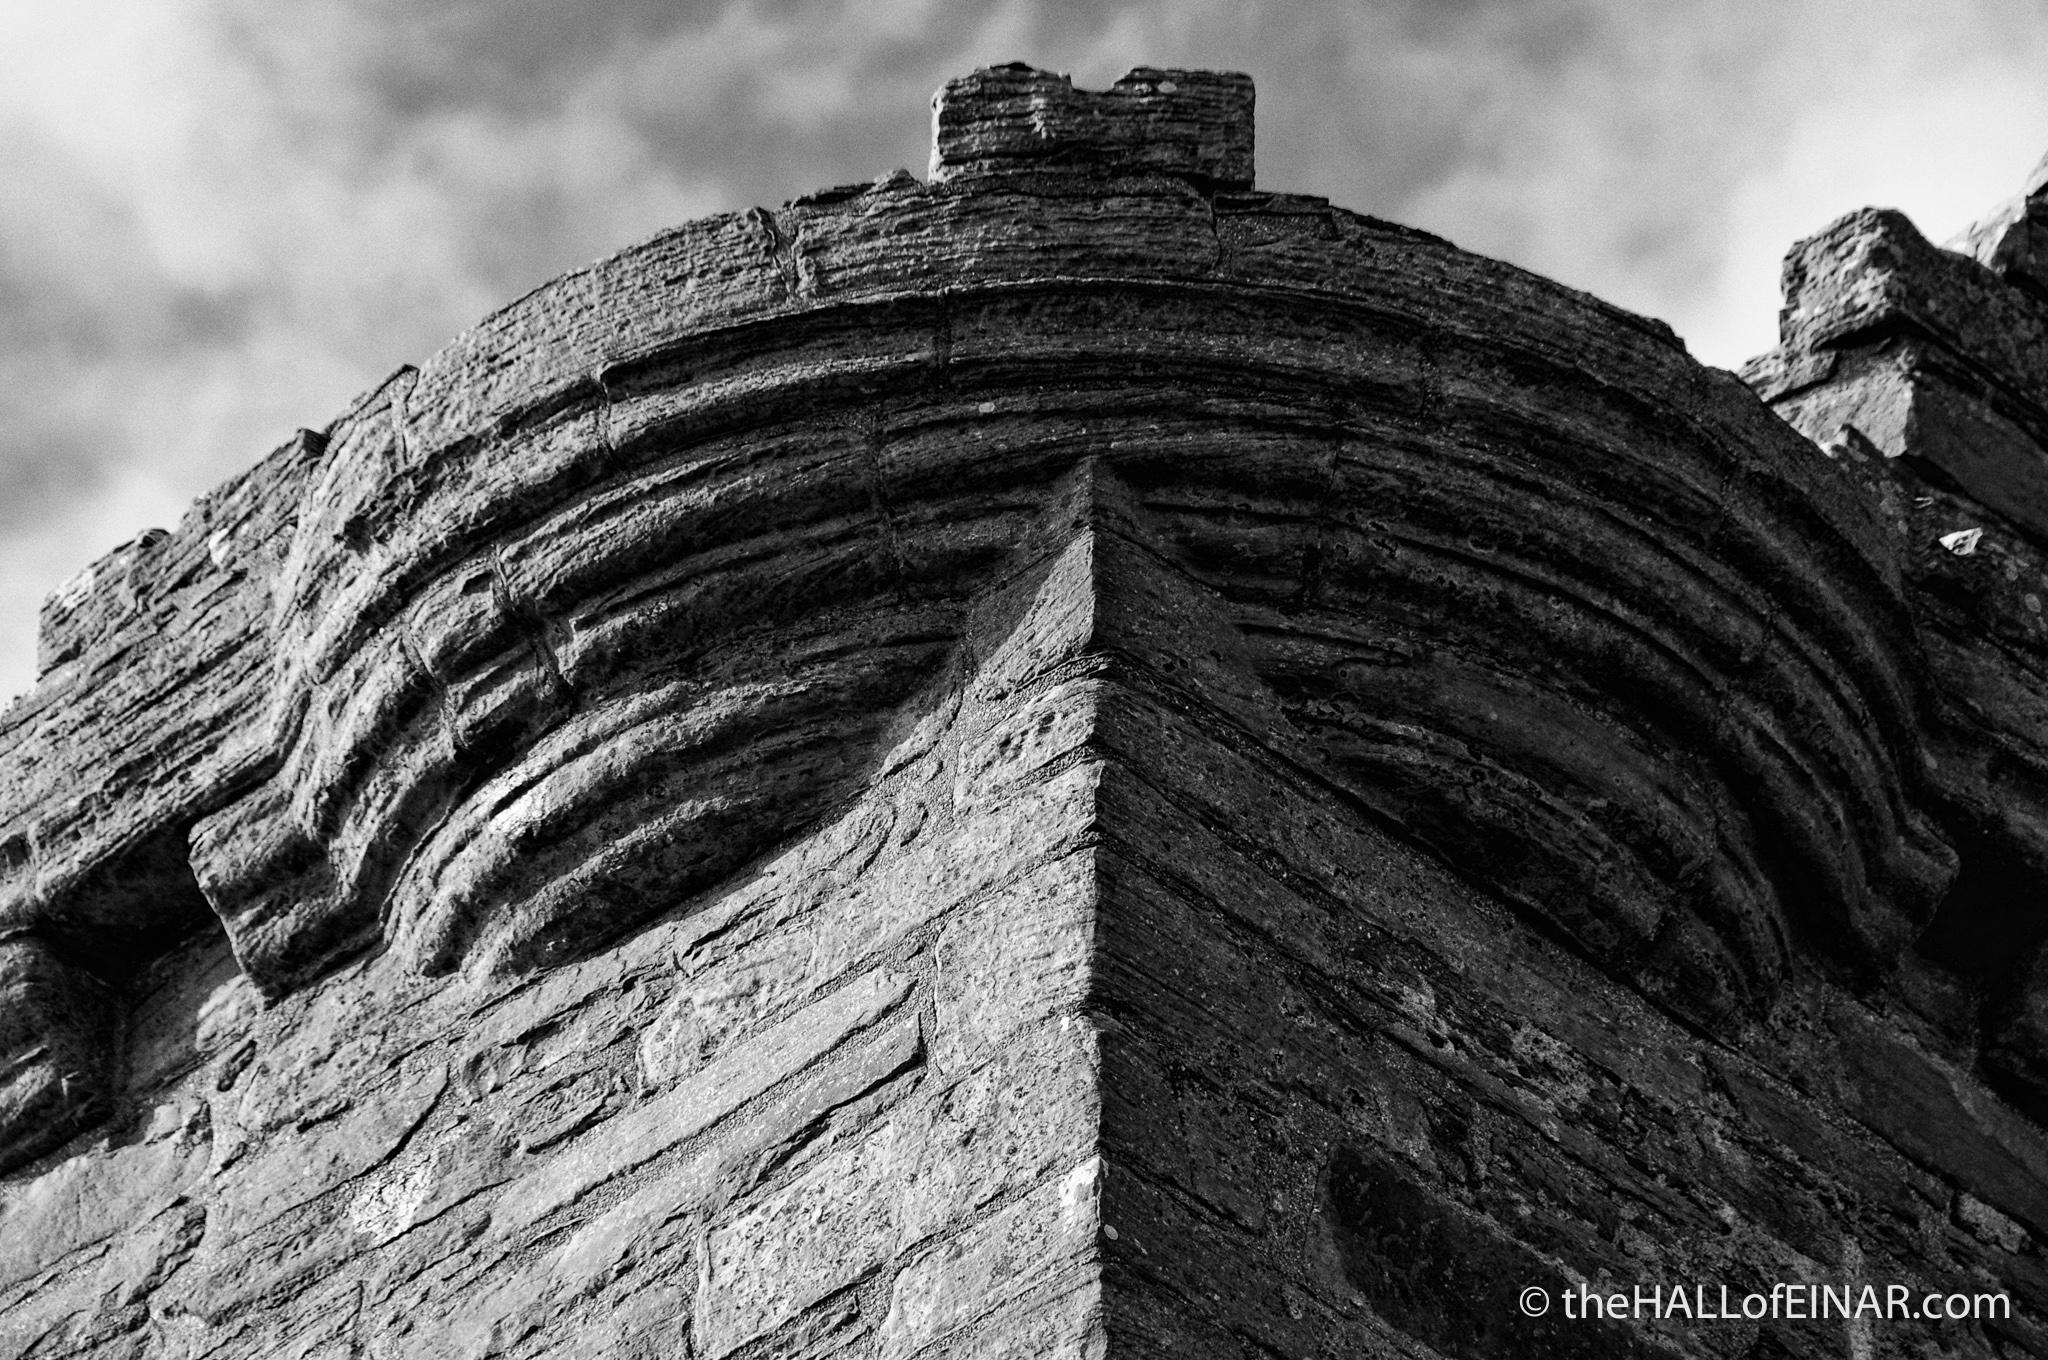 Noltland Castle - photograph (c) 2016 David Bailey (not the)